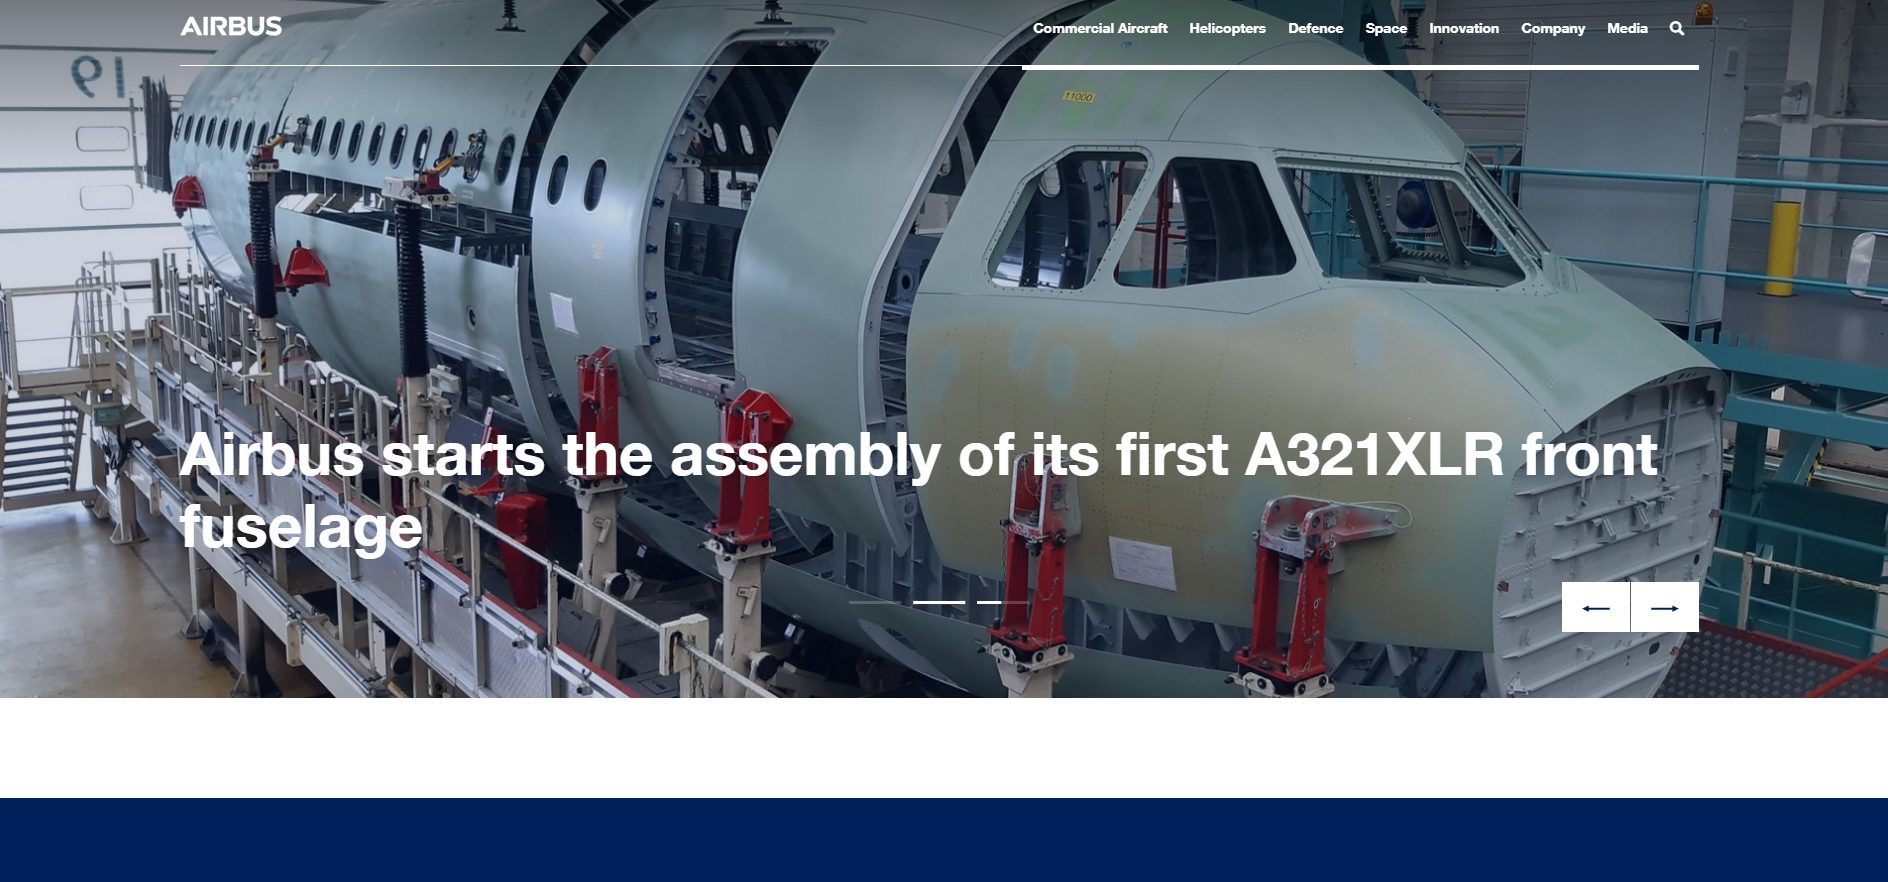 Offizielle Webseite von Airbus